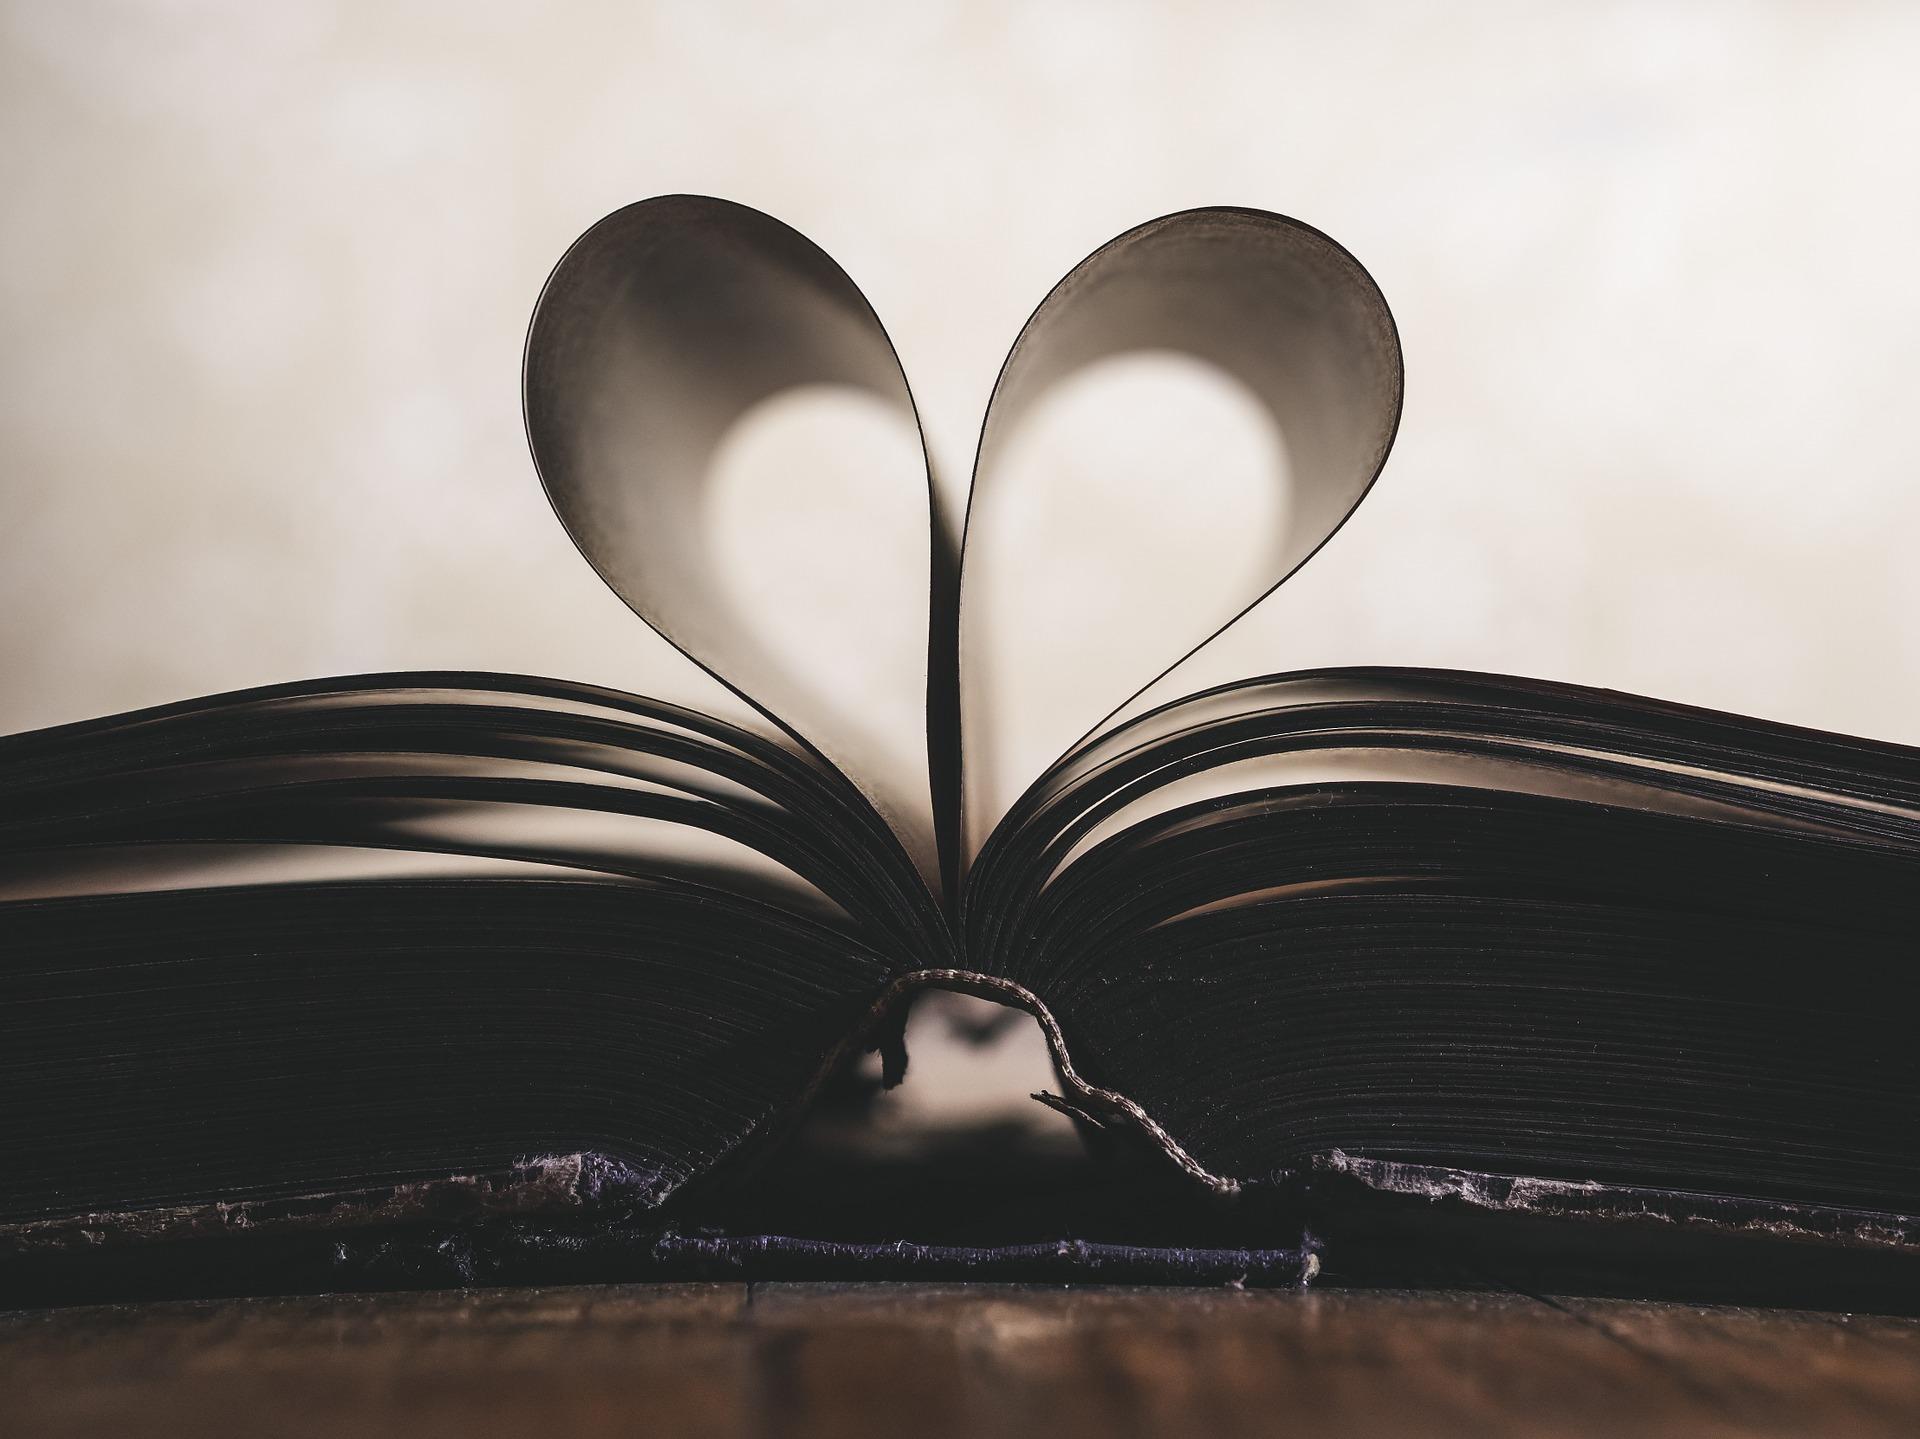 Seiten eines Buches werden zu einem Herz geformt